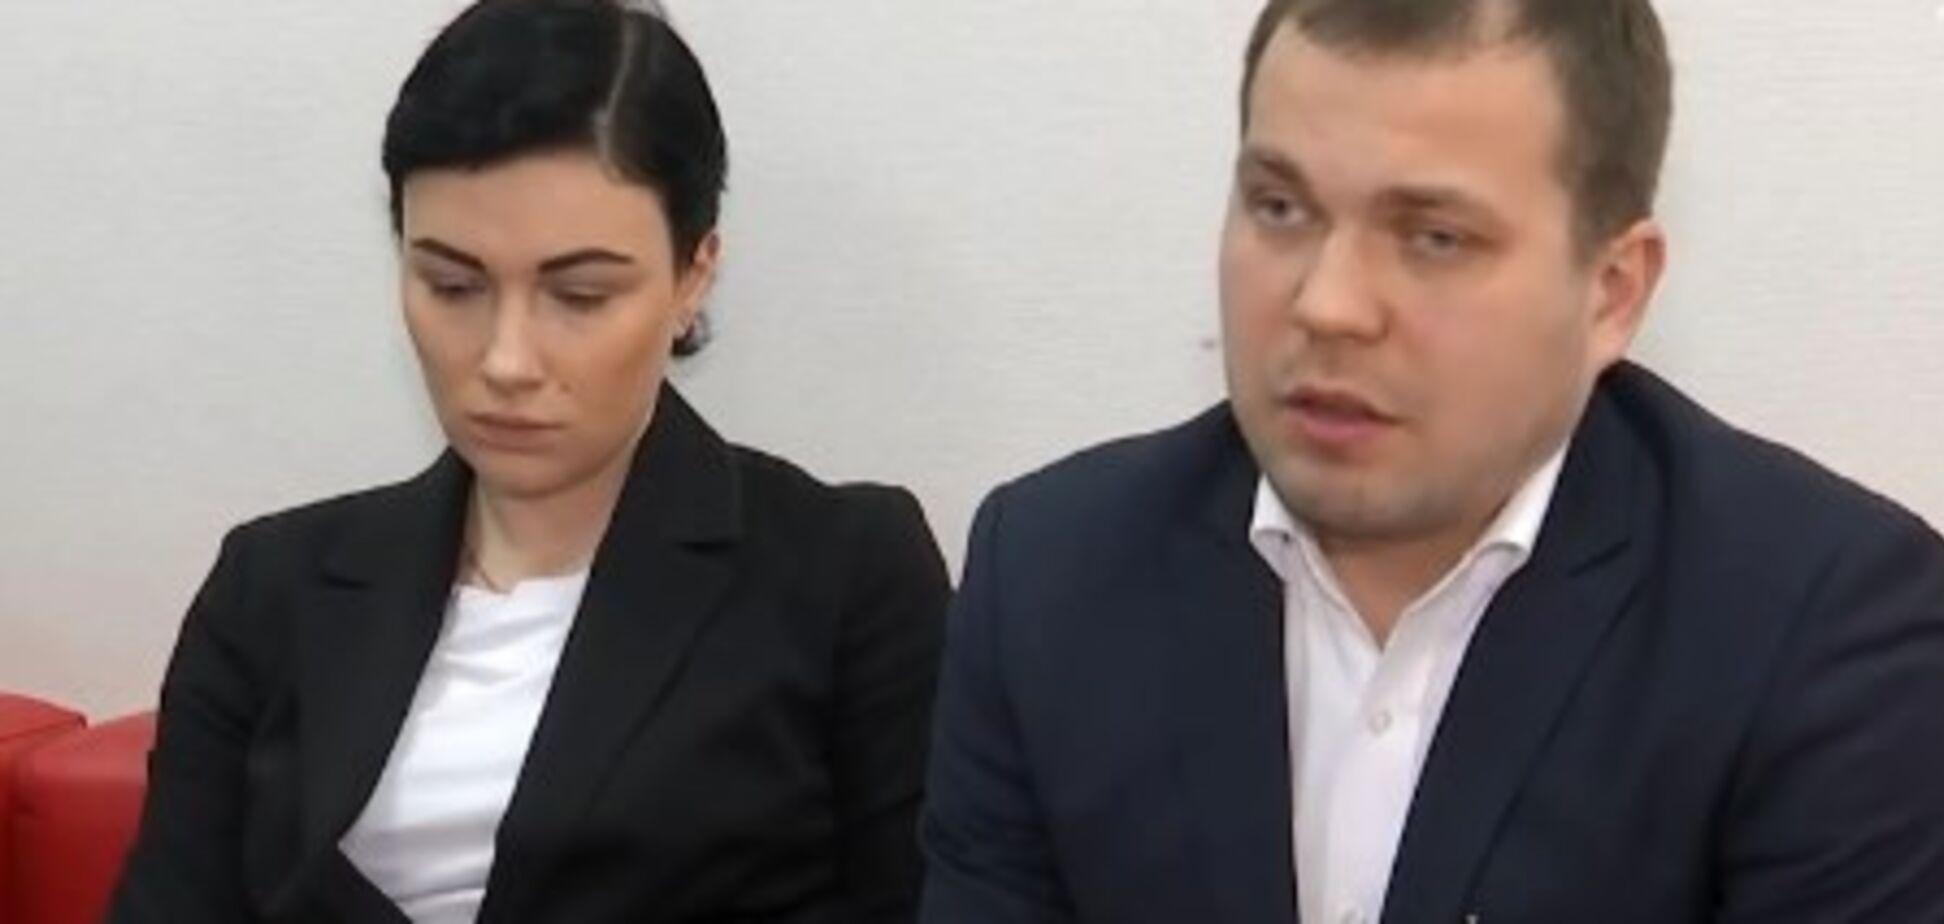 В Адміністрації президента відреагували на скандал із рекламою Порошенка